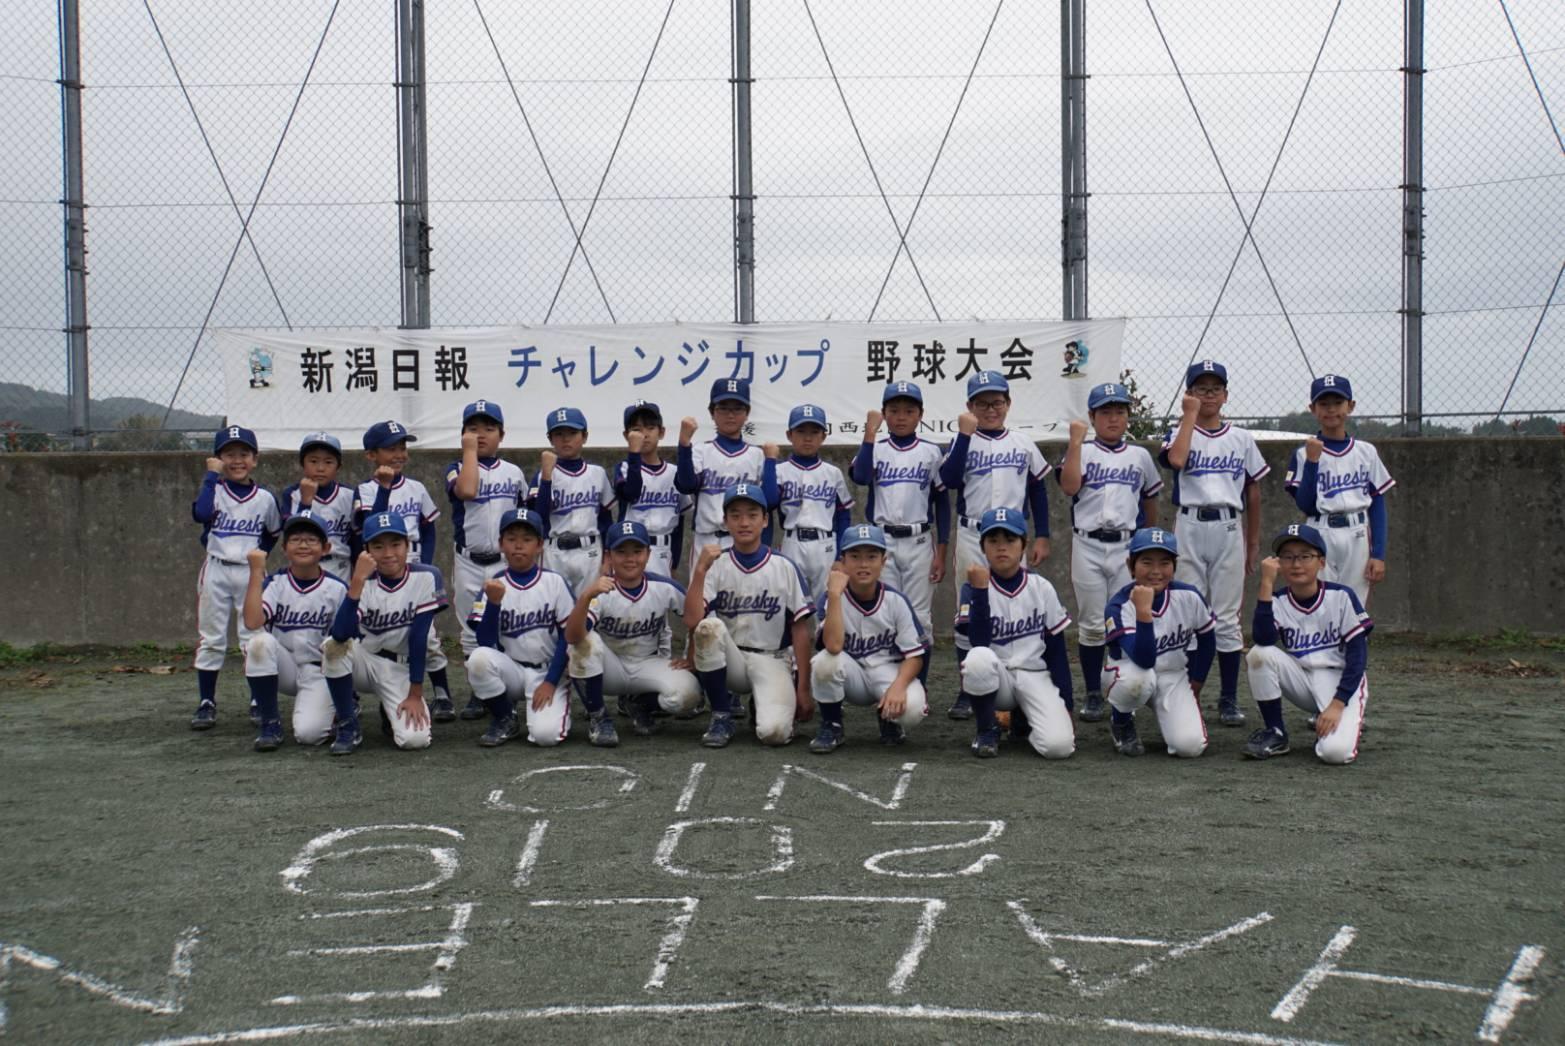 新潟日報チャレンジカップ野球大会 優勝しましたぁー!(^^)_b0095176_10502602.jpeg